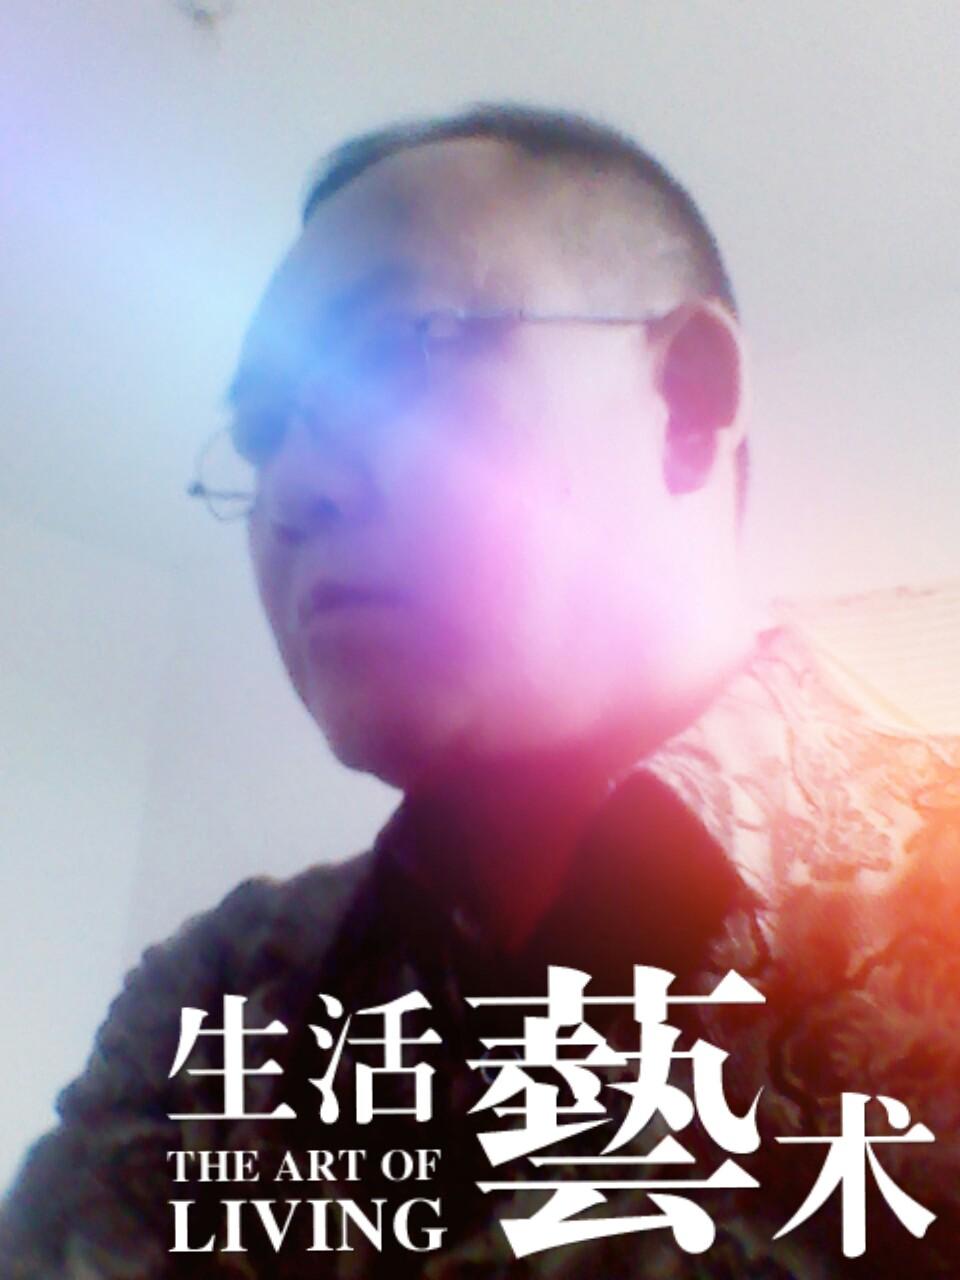 【诗人专栏★蠖蛇之度】购物天龙天 (外二首)